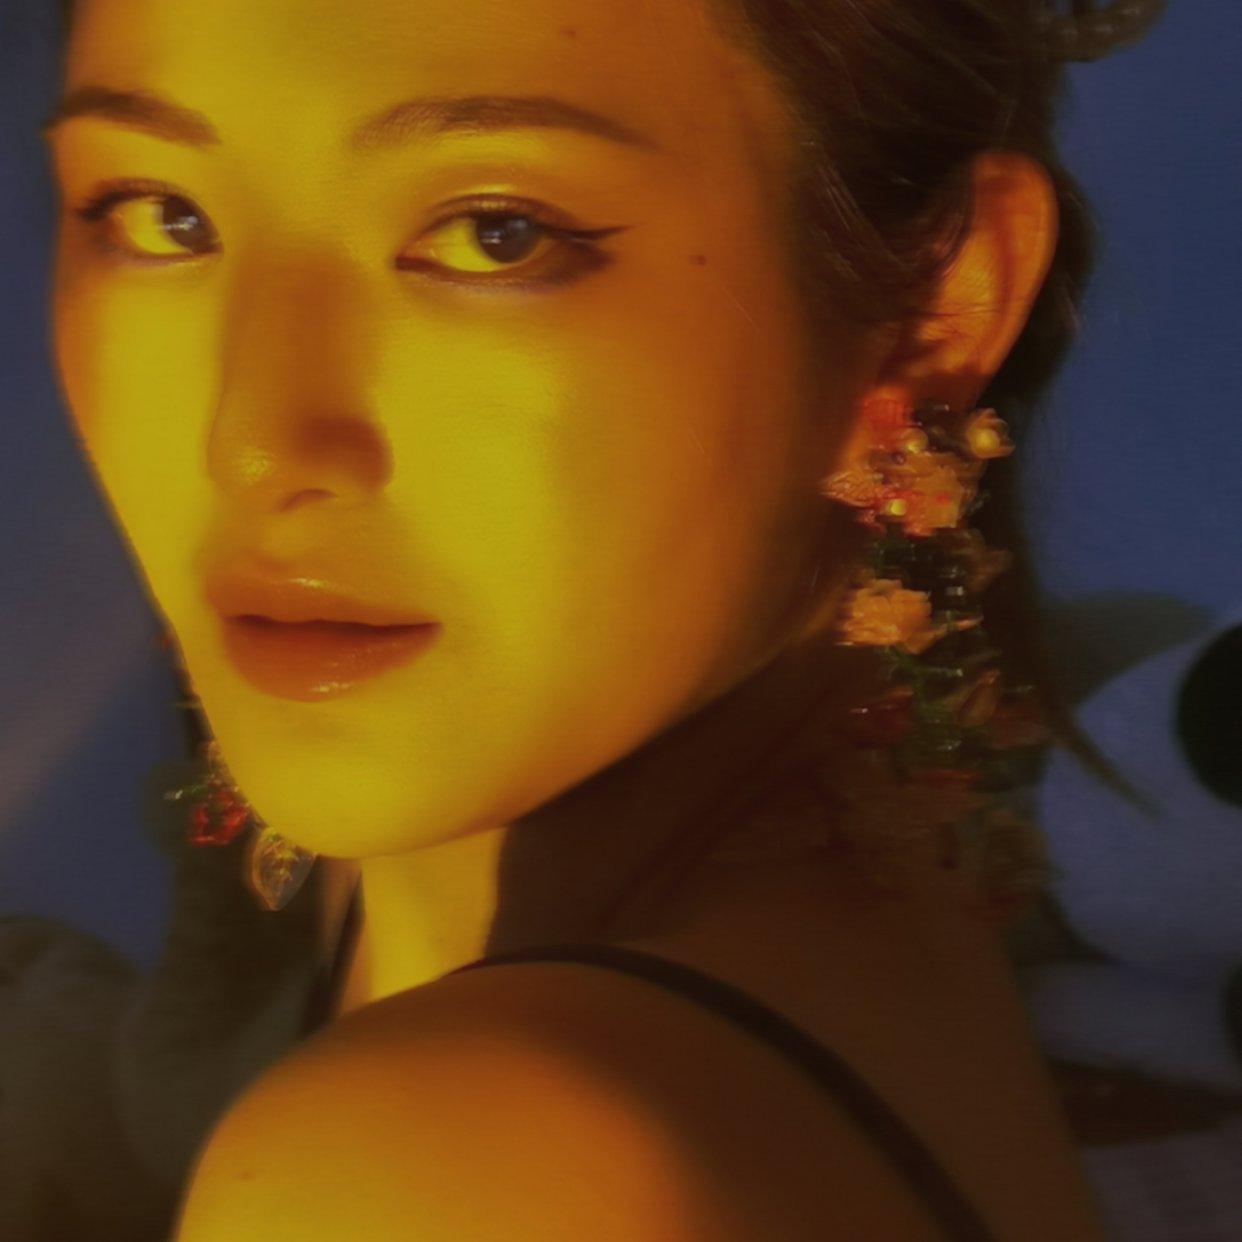 【化妆】爱在黄昏日落时